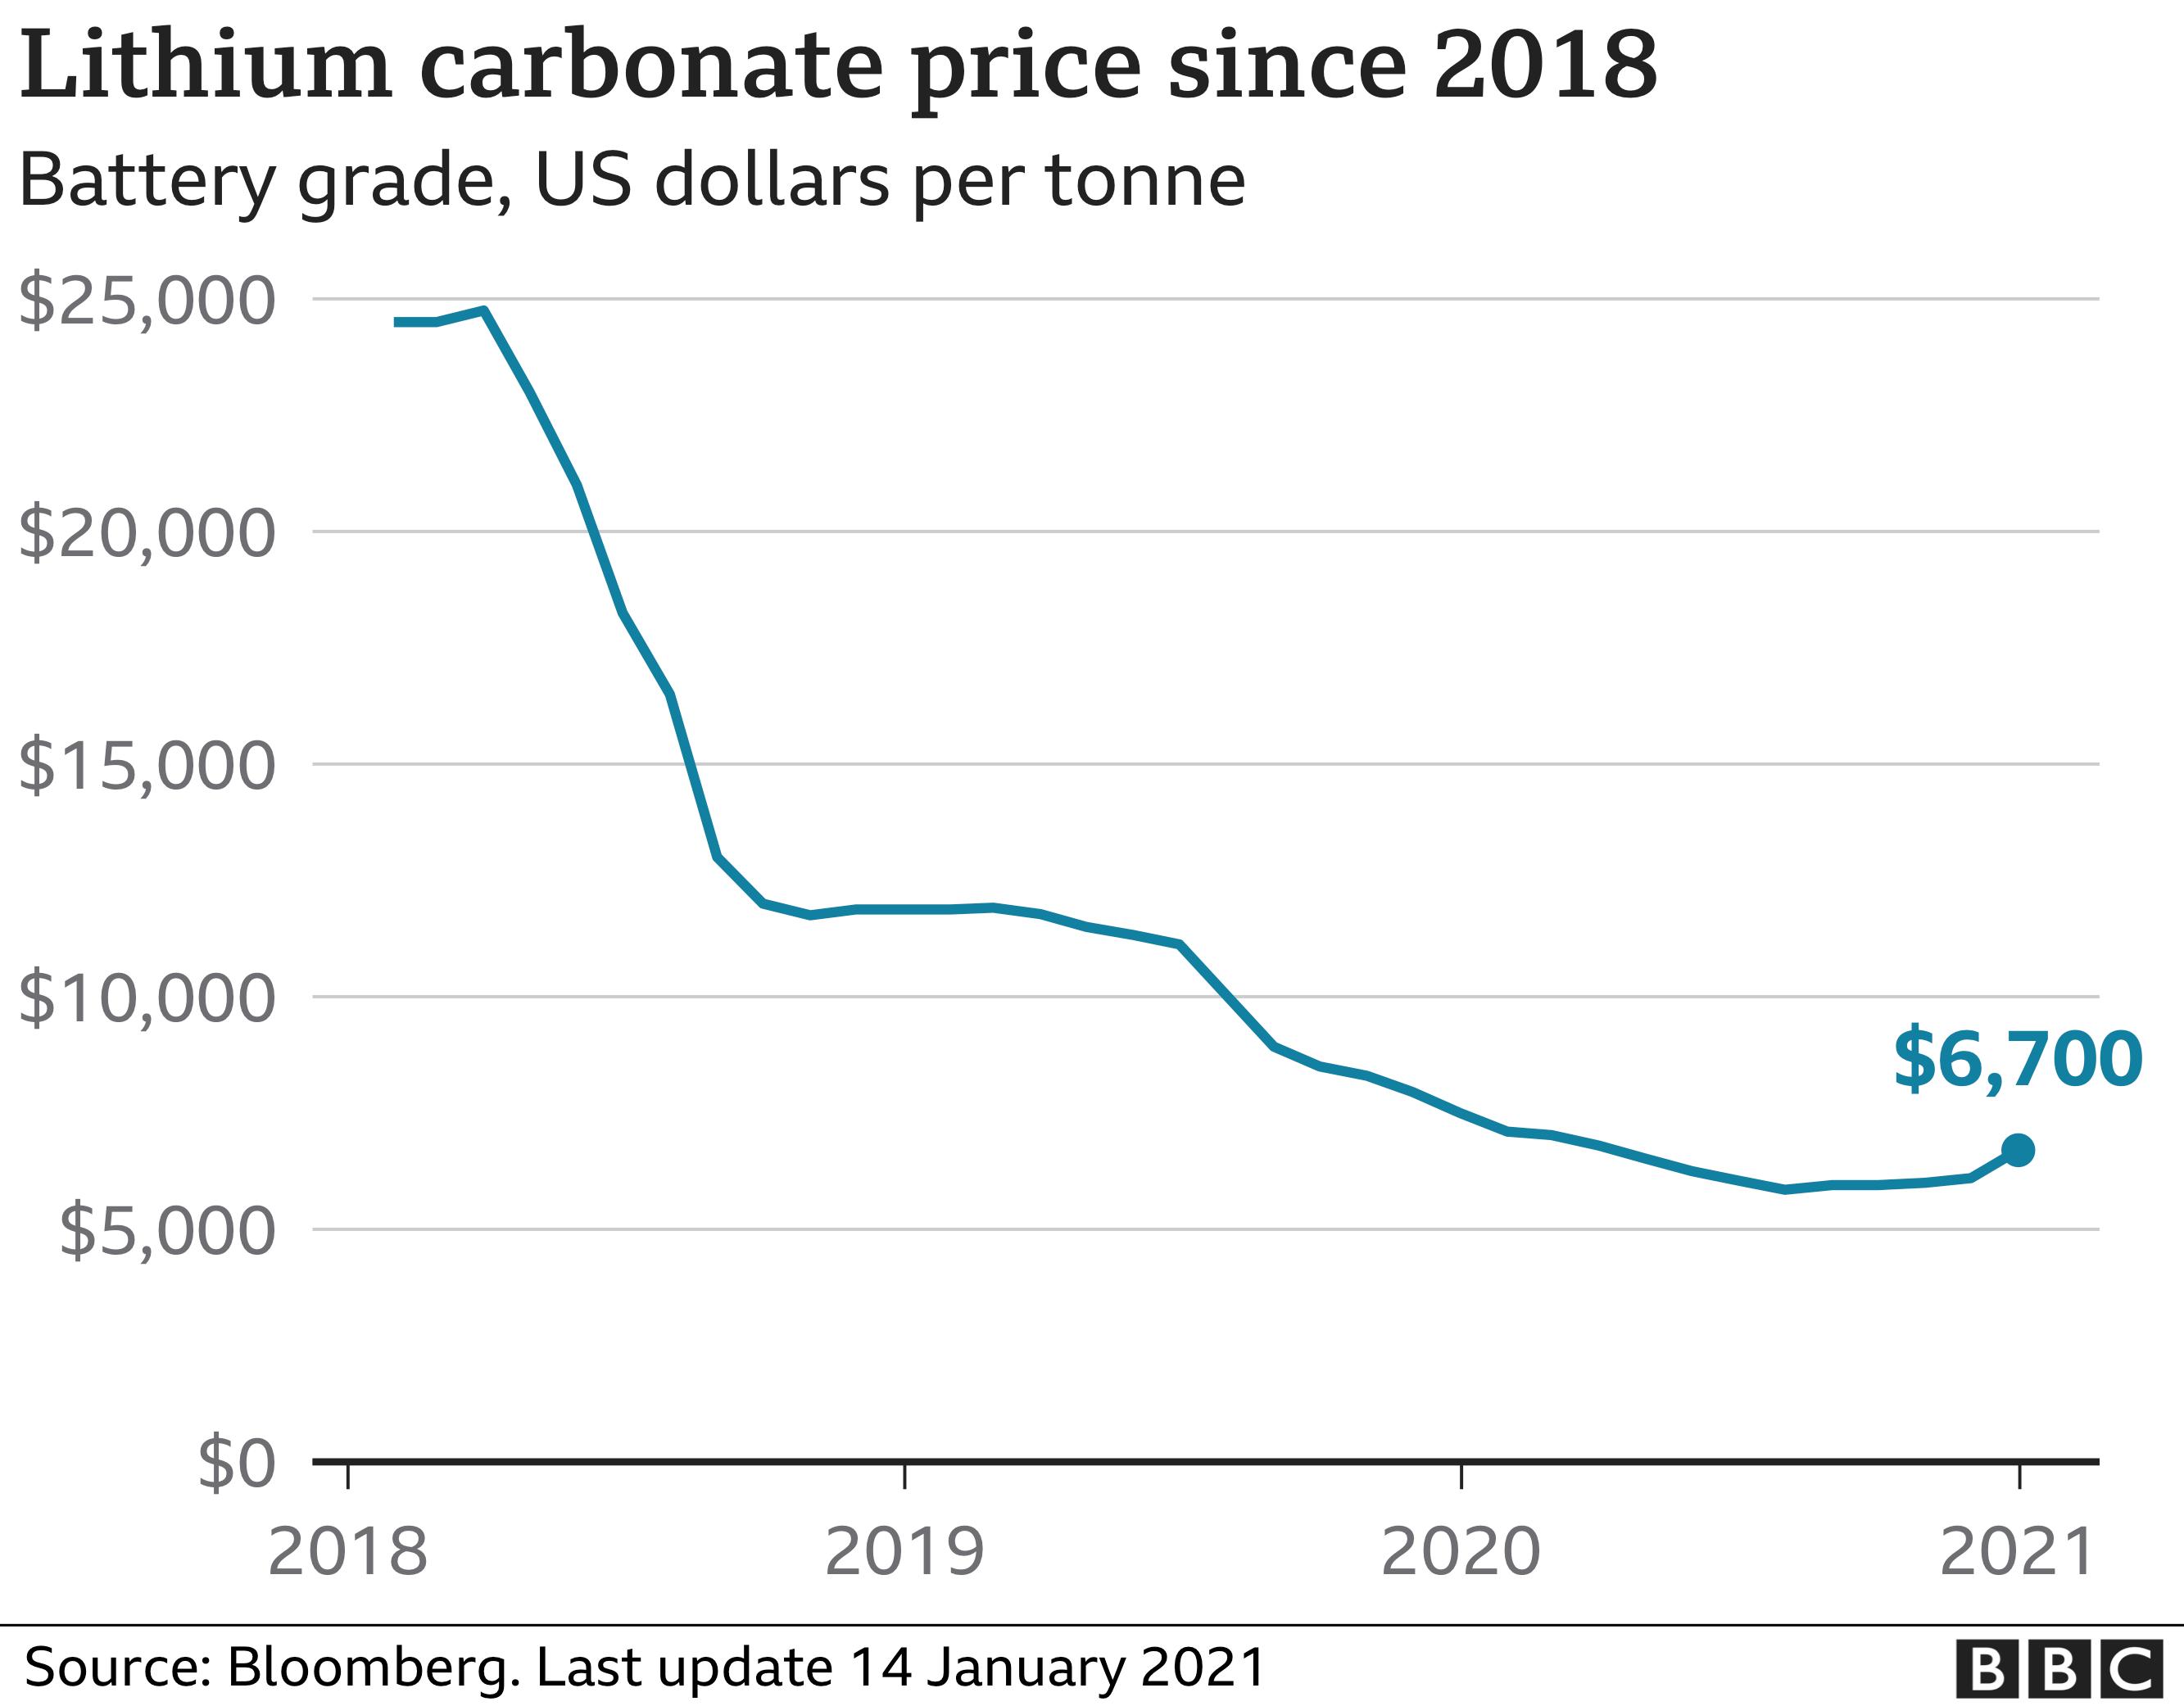 Lithium carbonate price